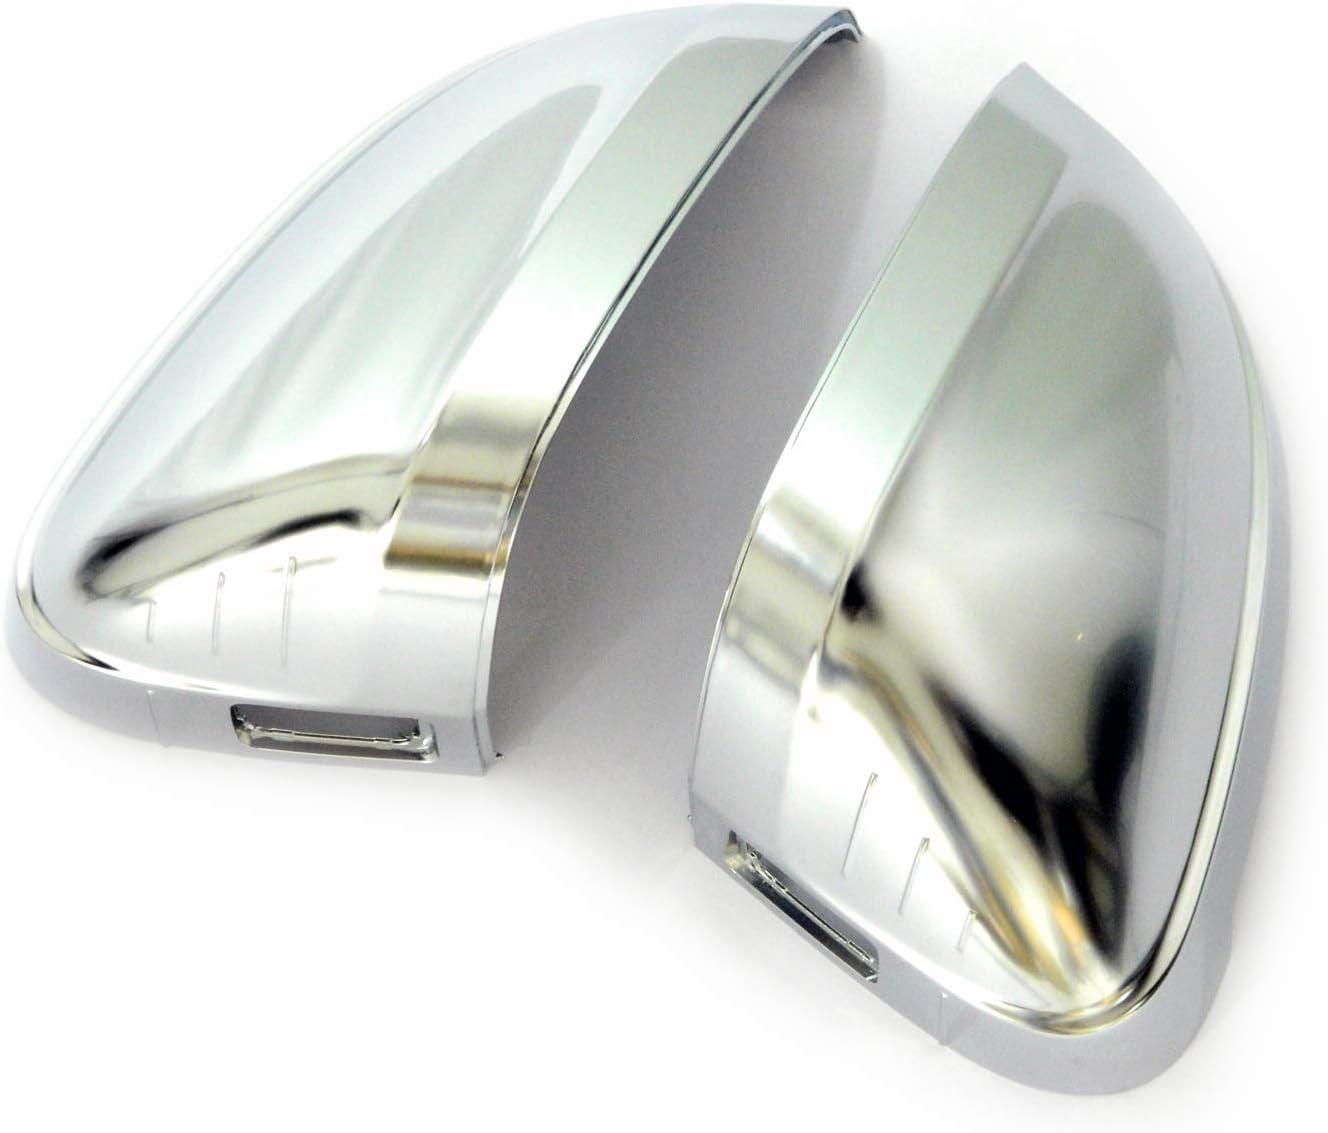 A4 S4 B9 mit Spurwechselassistent Aluminium Style Spiegelkappen